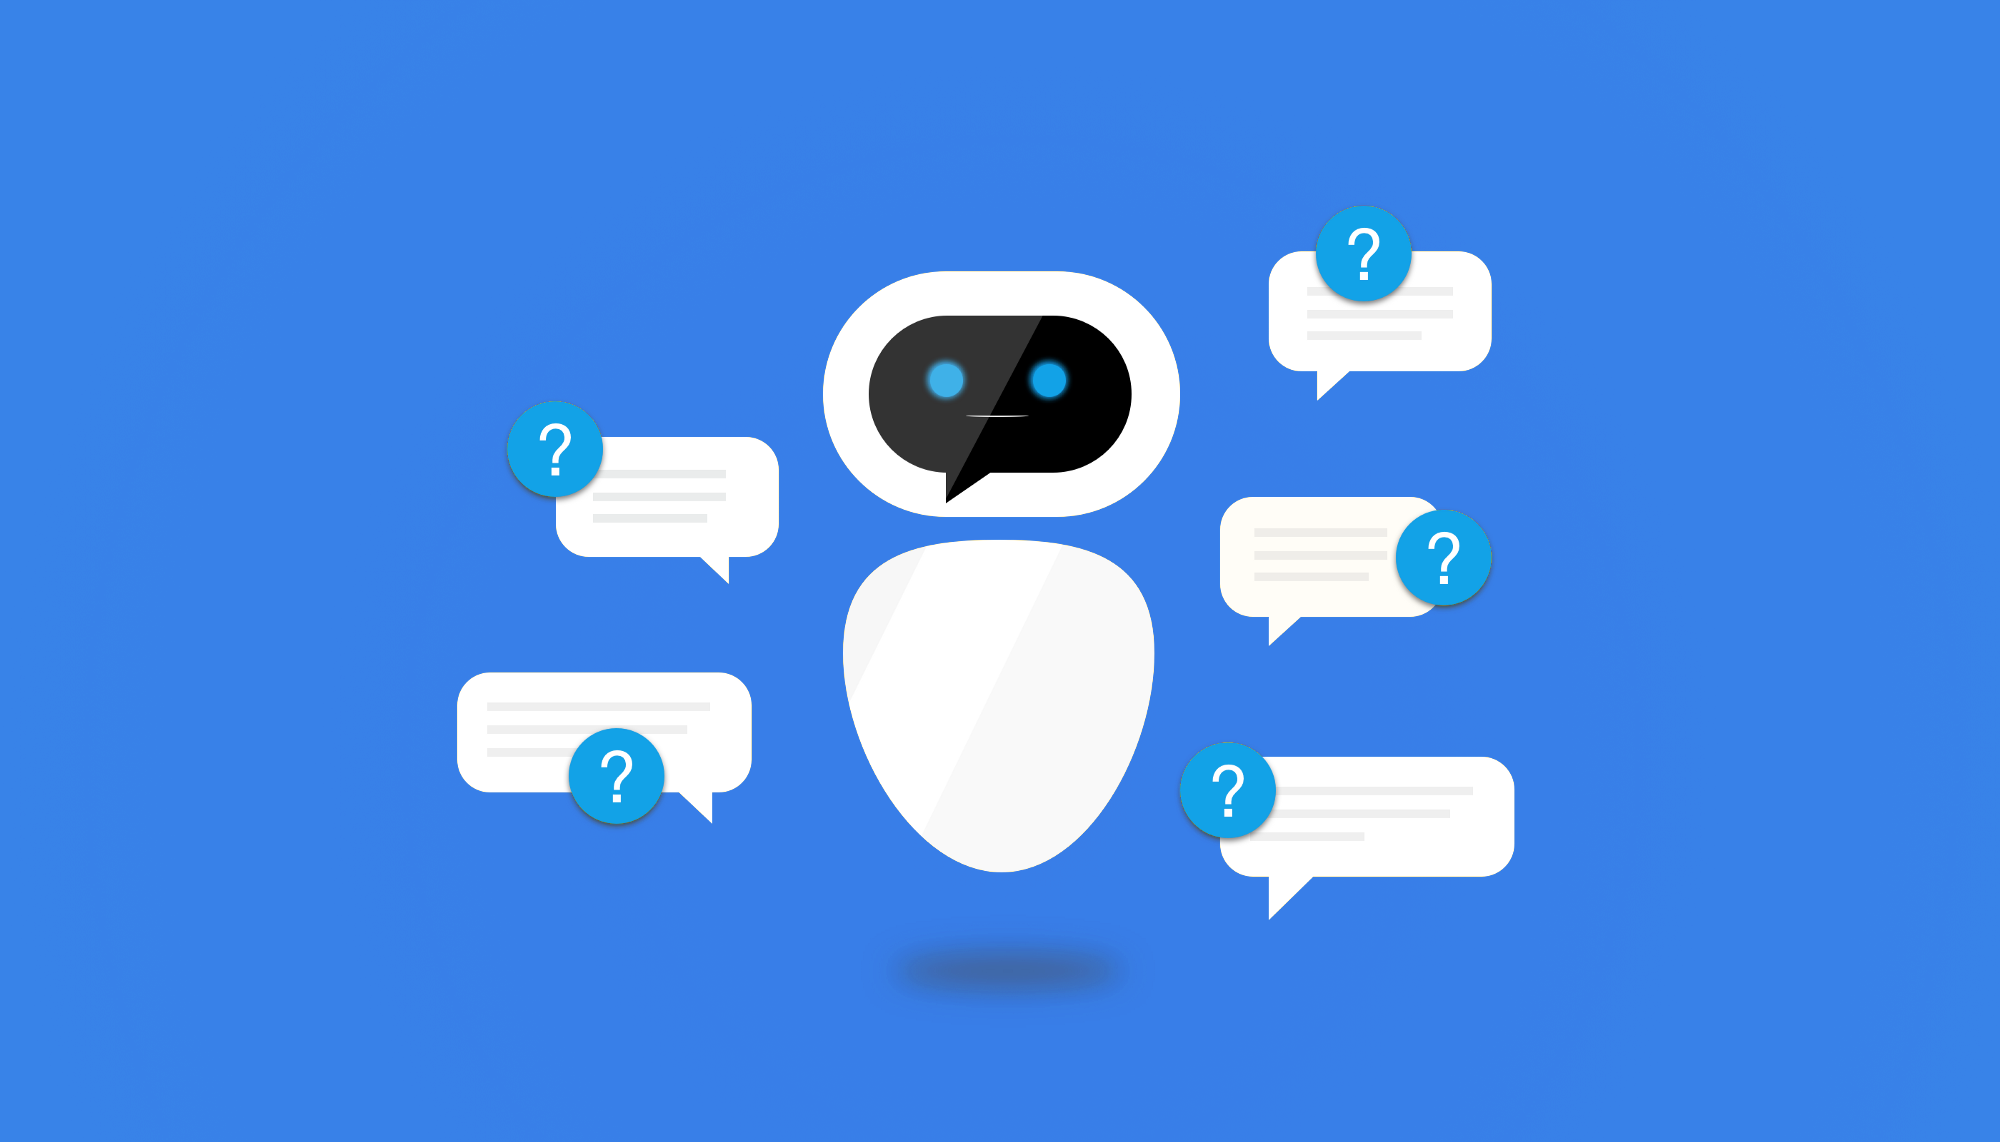 Як ефективно використовувати чат-бот Facebook Messenger для вашого бізнесу?